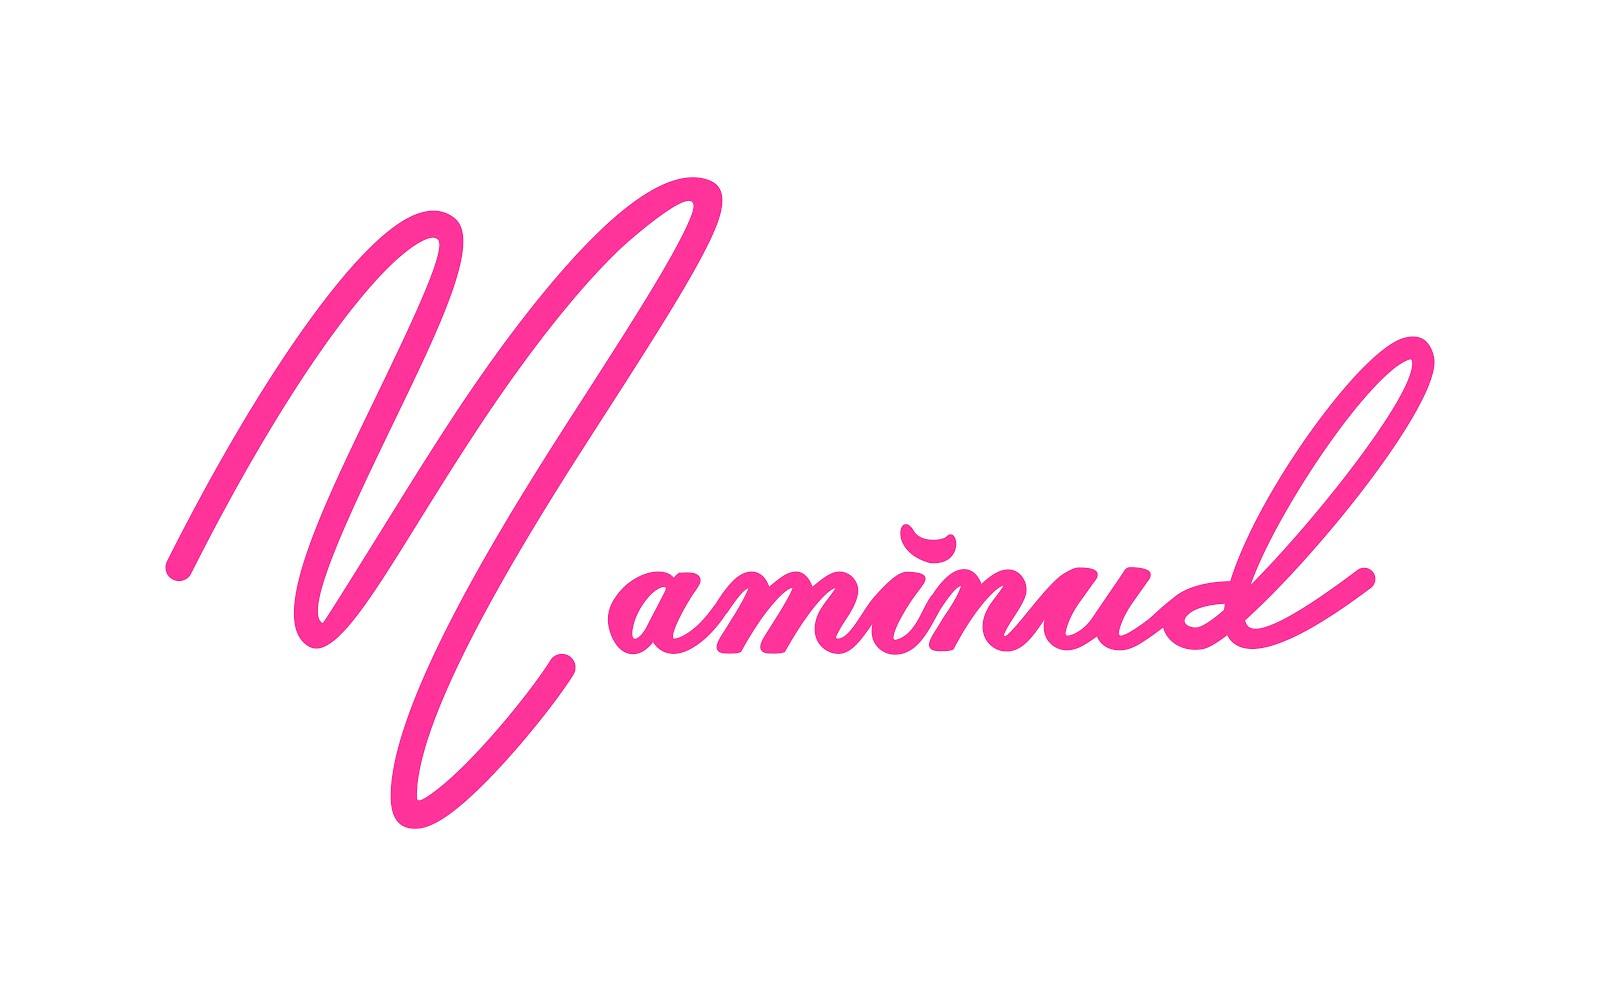 Maminud